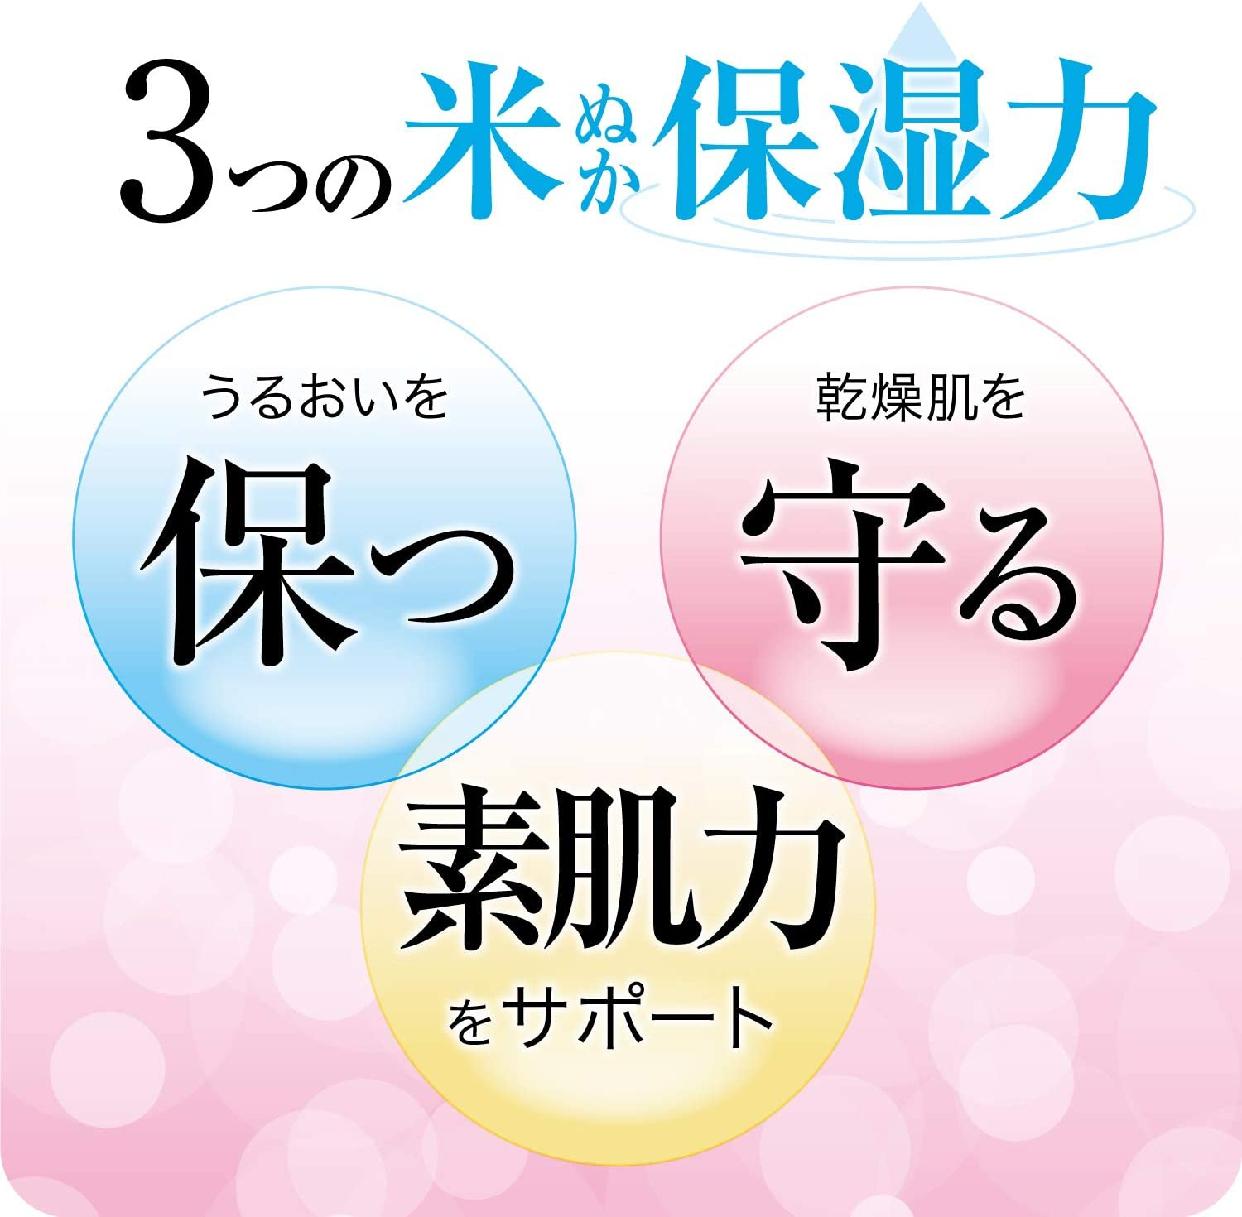 美人ぬか 純米水 特にしっとり化粧水の商品画像4